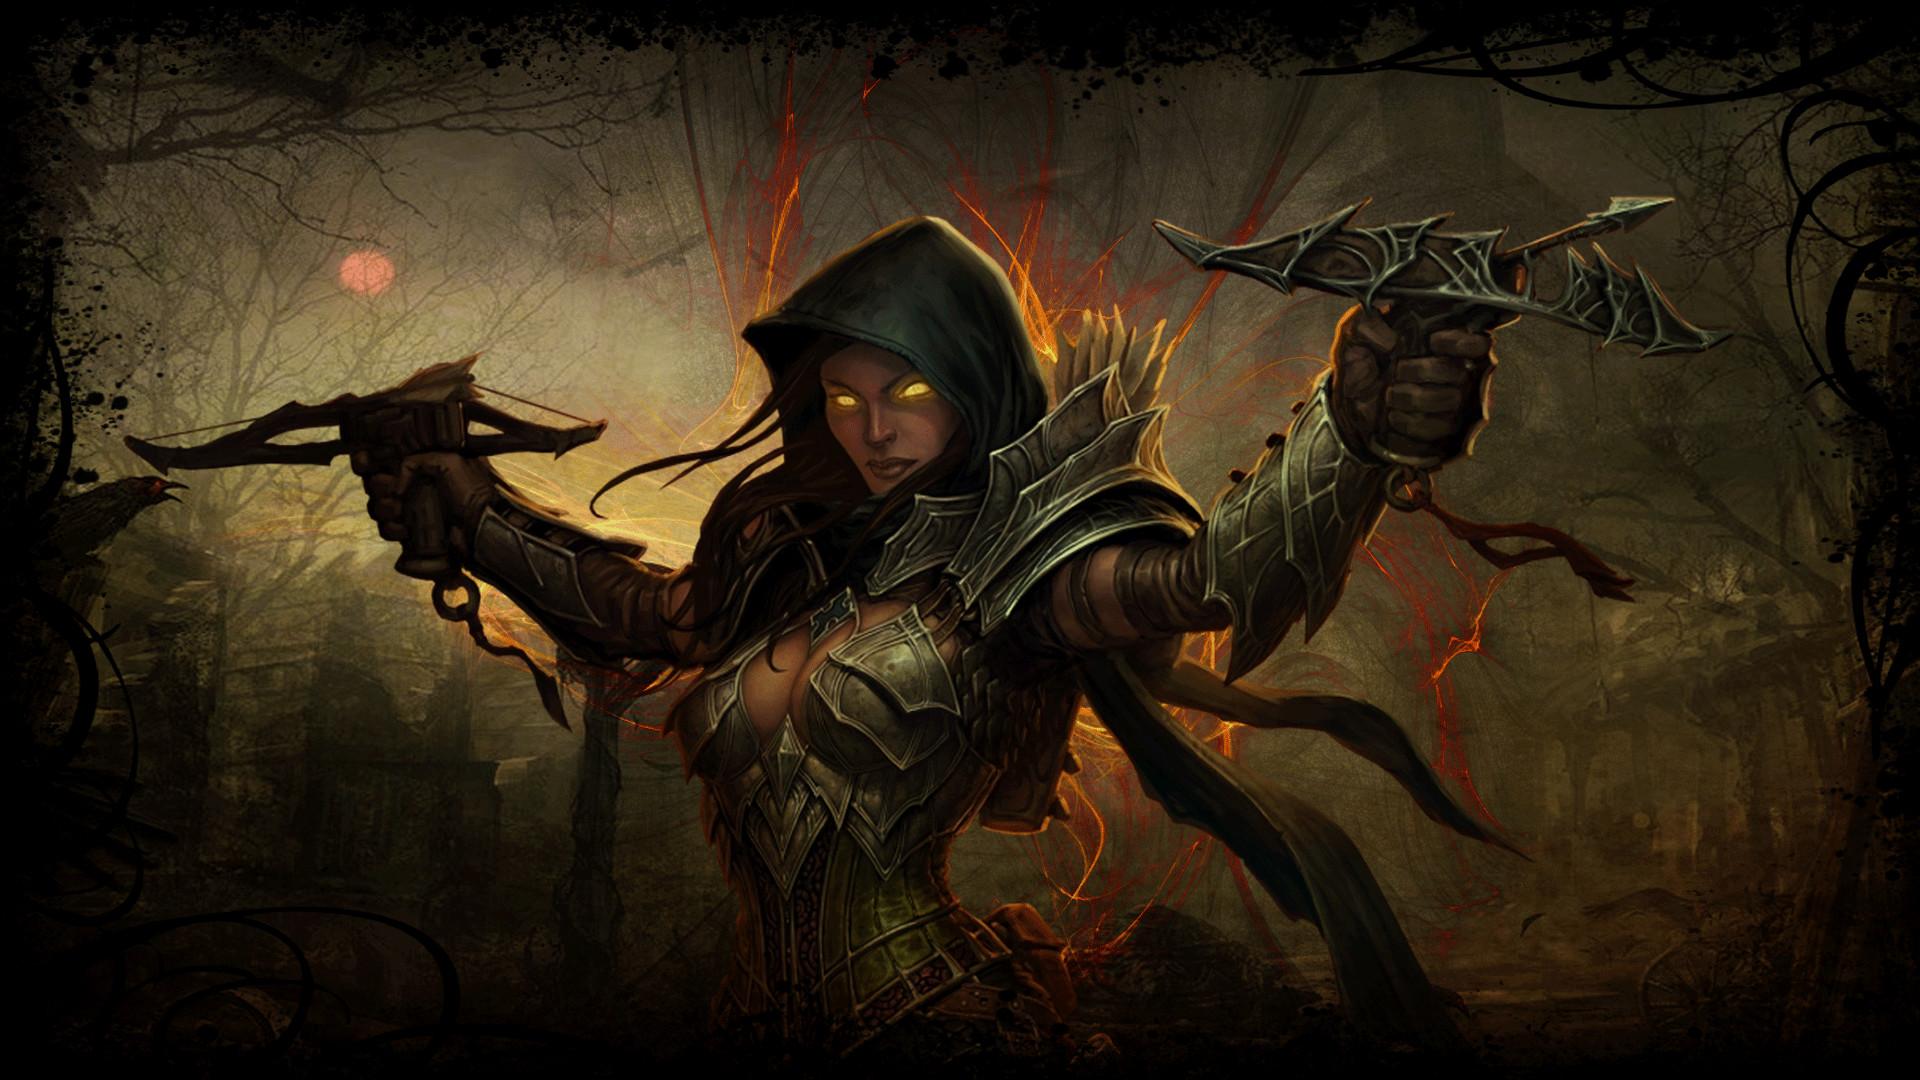 Res: 1920x1080, ... cursedblade1337 Diablo 3 Demon Hunter (background) by cursedblade1337